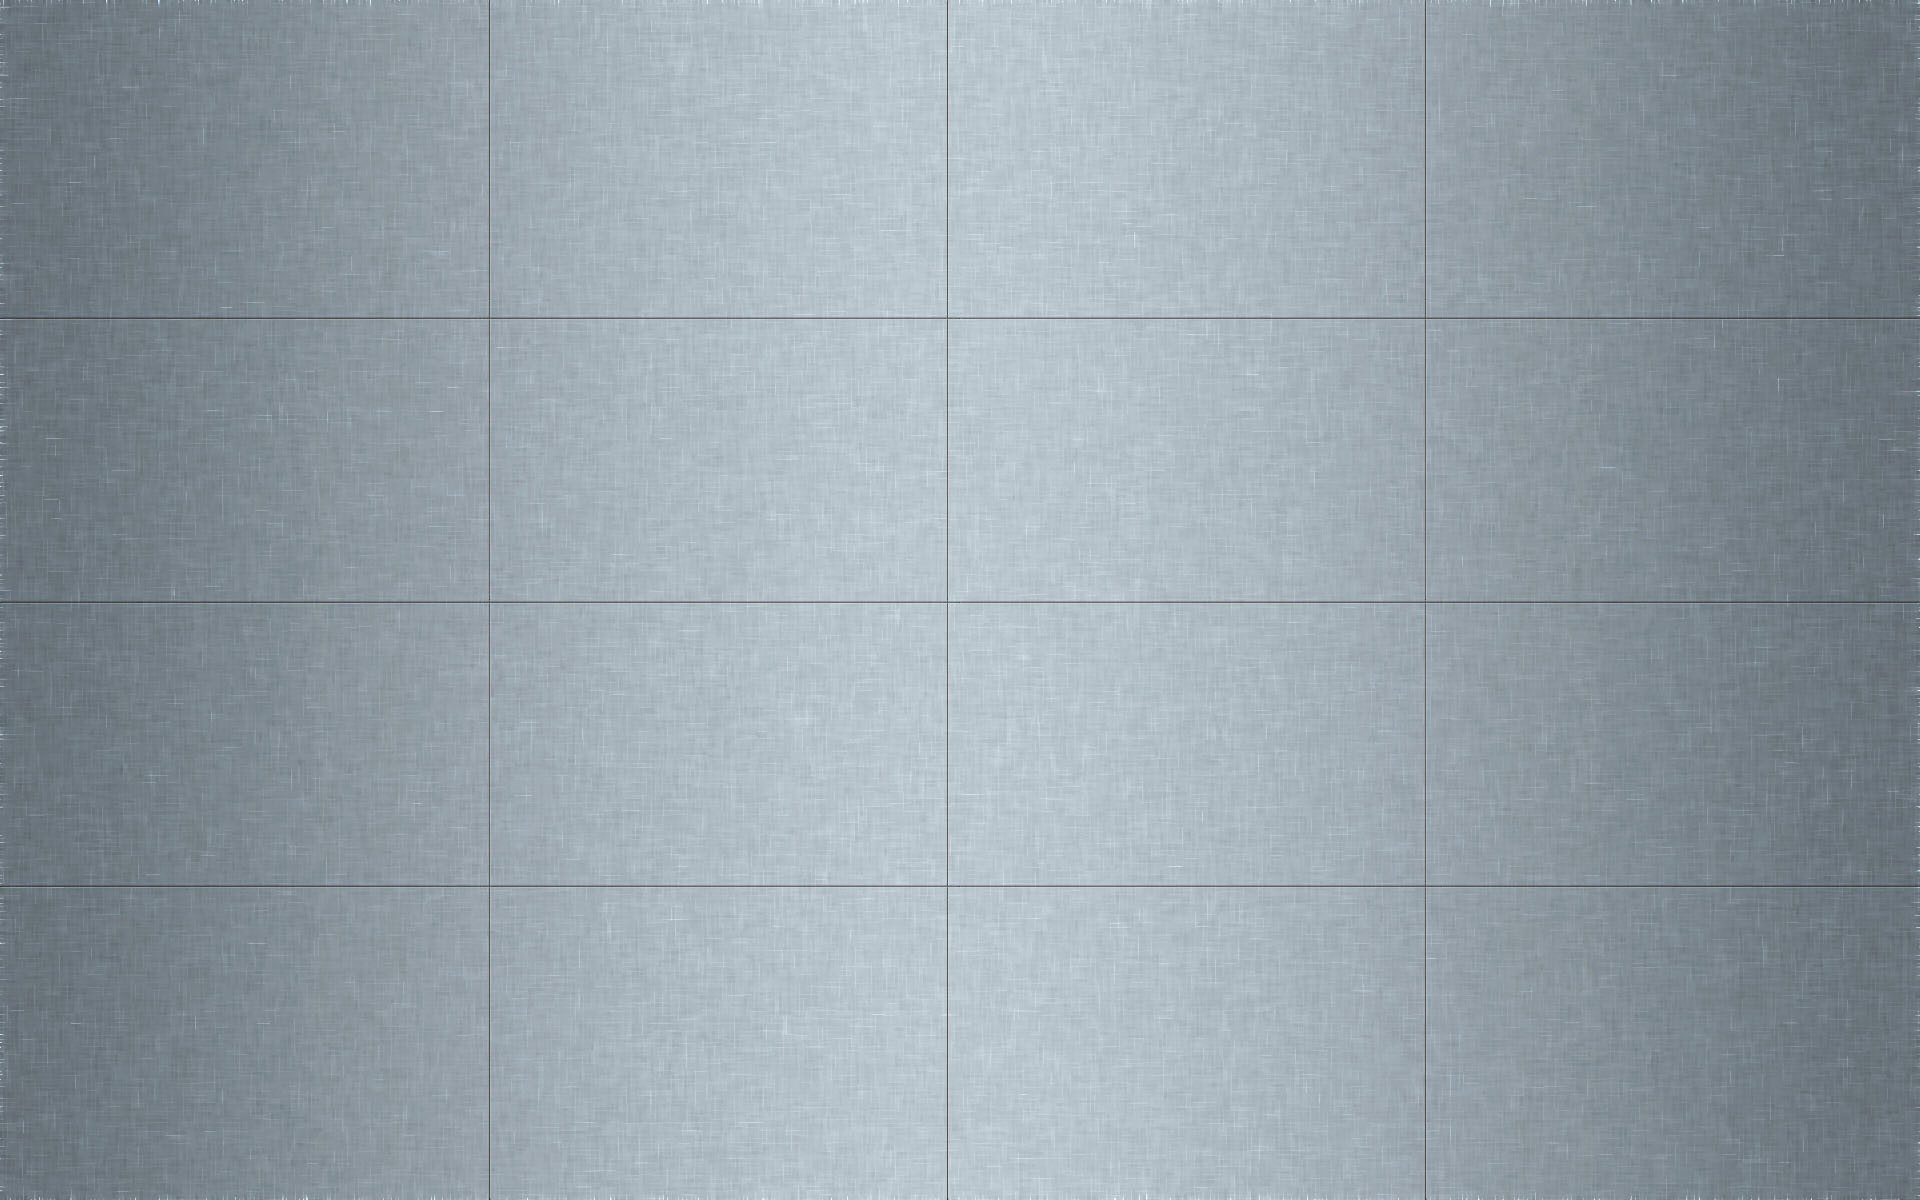 текстура серая линии texture grey line загрузить